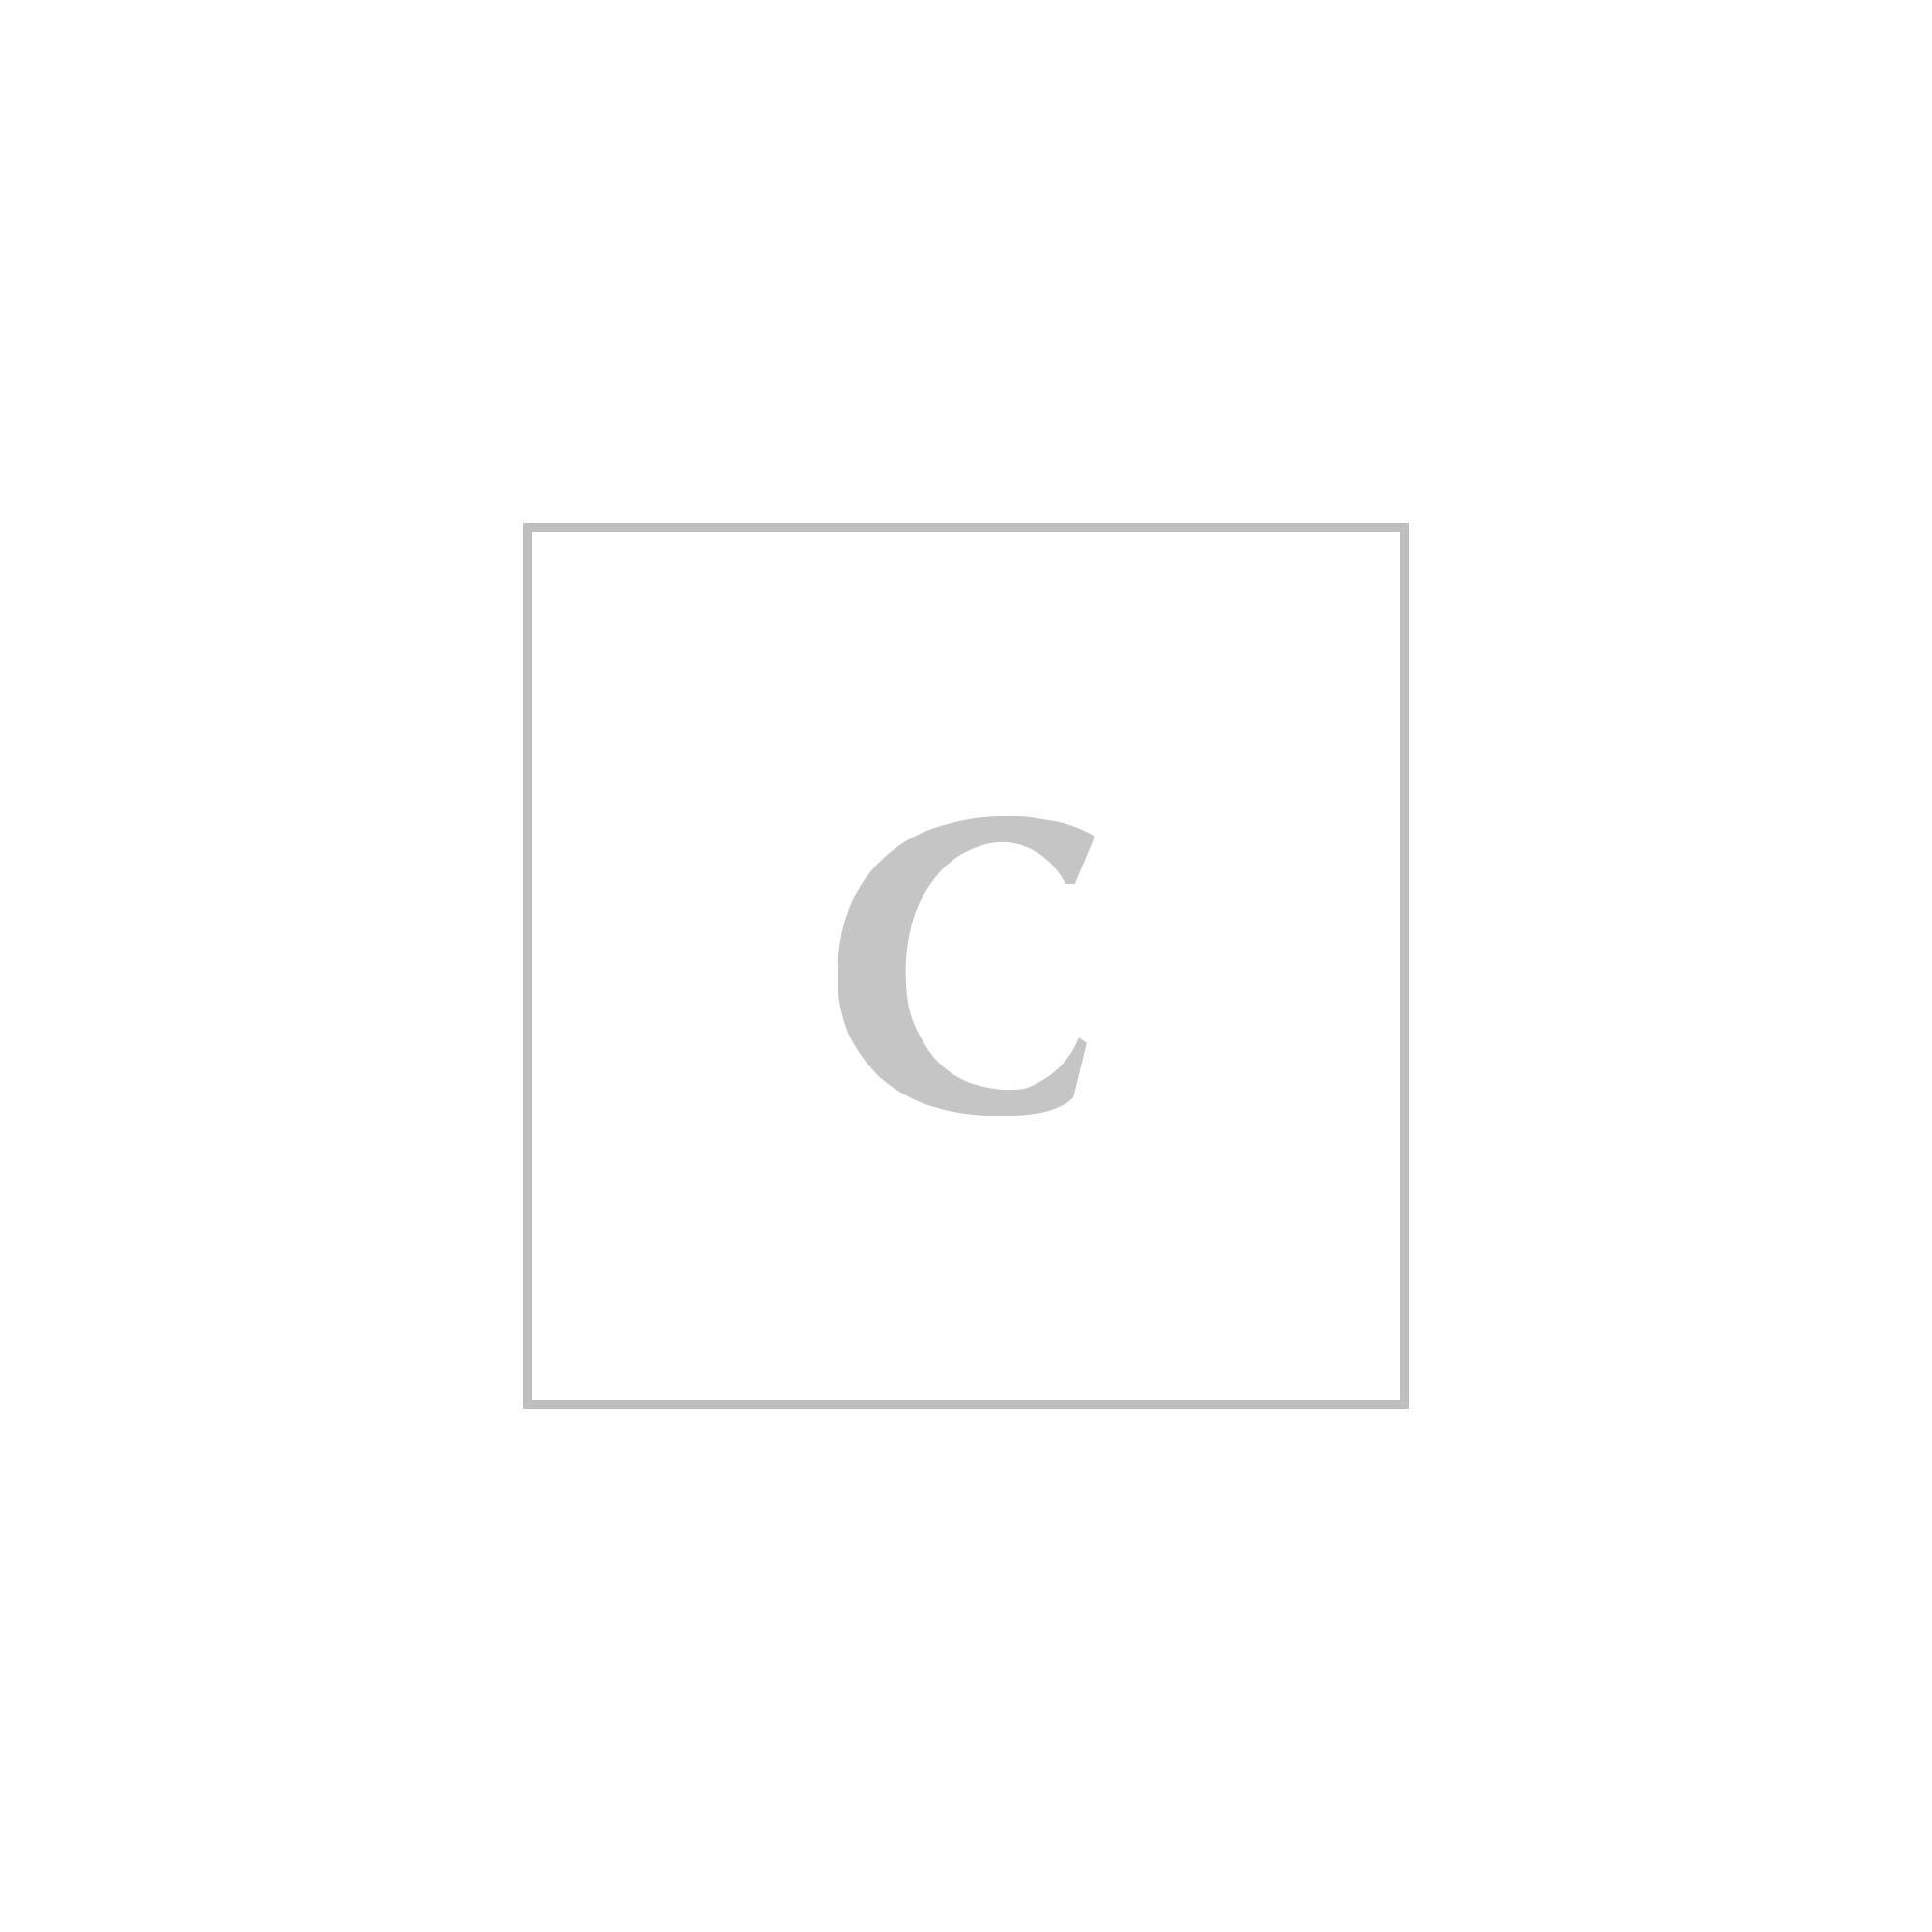 Saint laurent monogram lame' cosmetic case